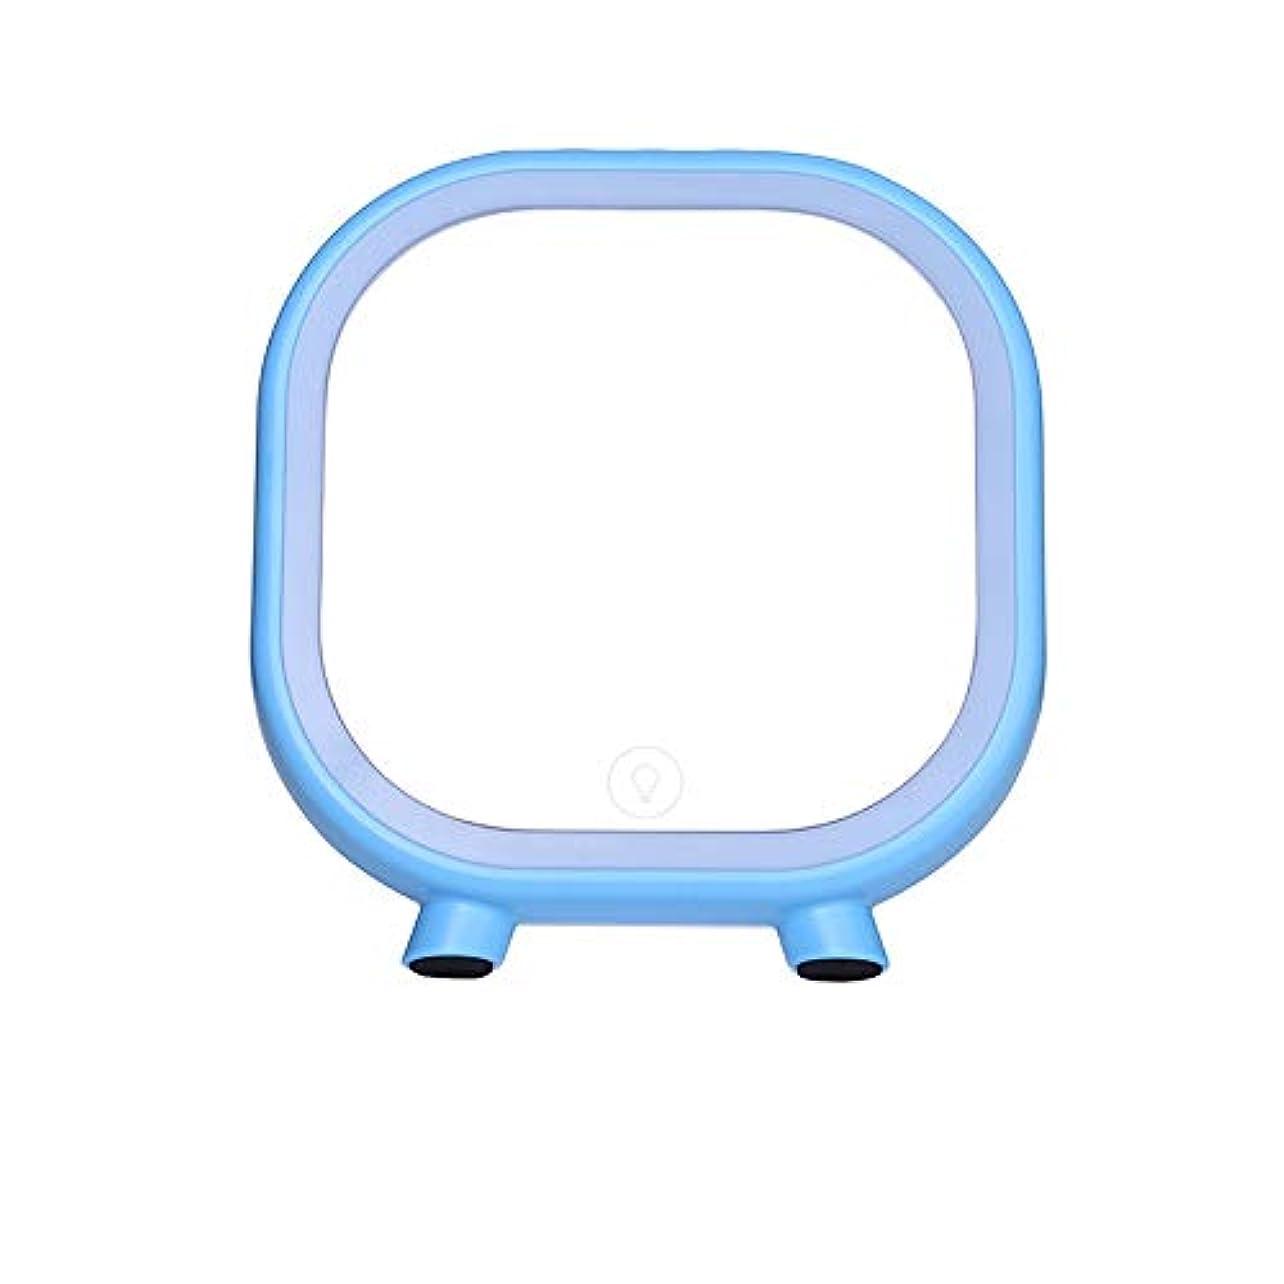 力者きょうだい流行の 創造的なLEDの薄いピンク/青い正方形のブルートゥースのスピーカーの化粧台/化粧鏡 (色 : Blue)